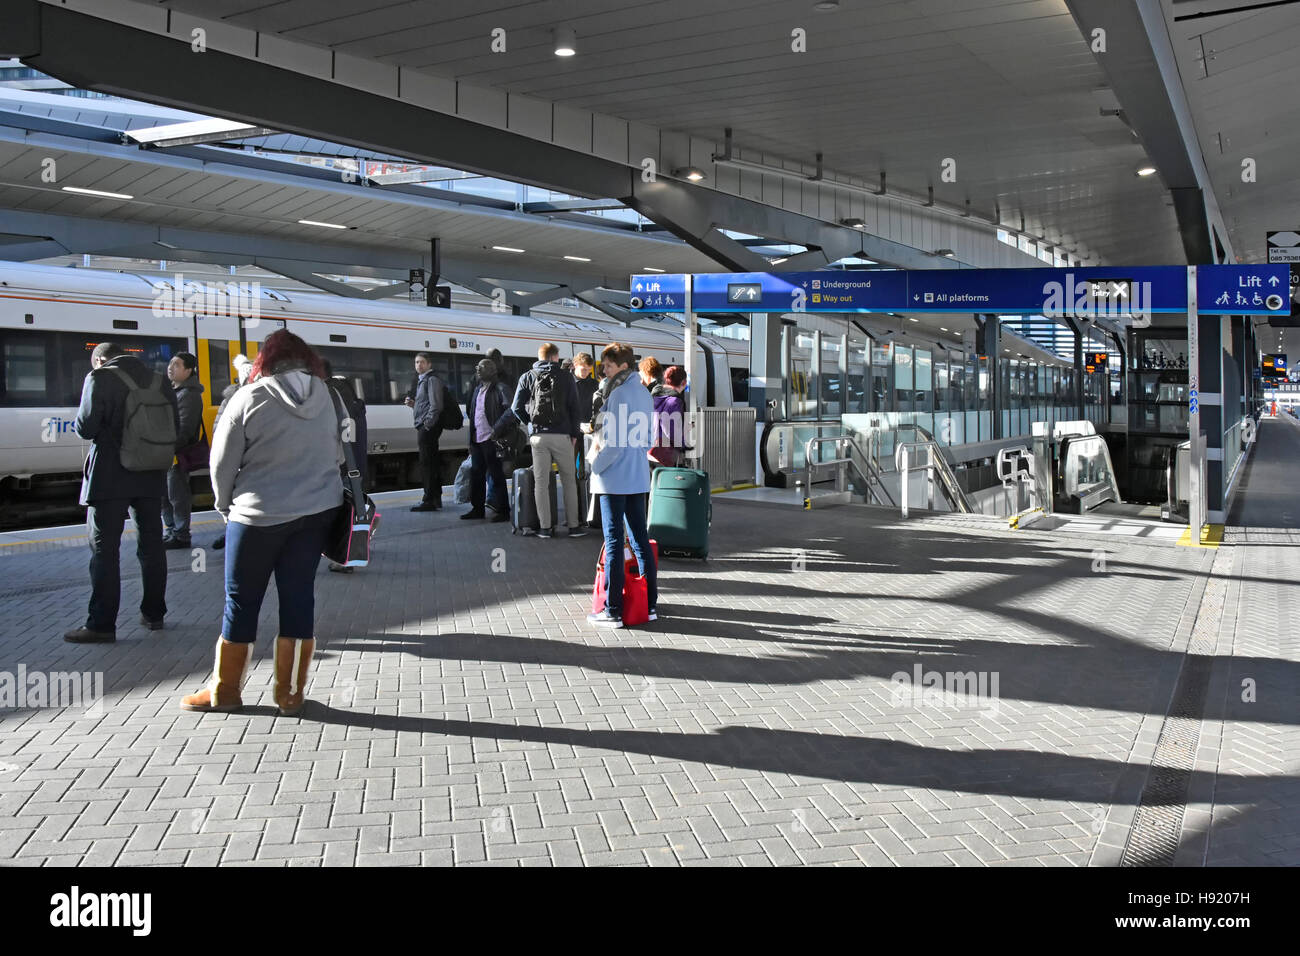 Warten auf die Plattform für Pendler trainieren auf renovierte Plattformen am Bahnhof London Bridge Bestandteil Stockbild